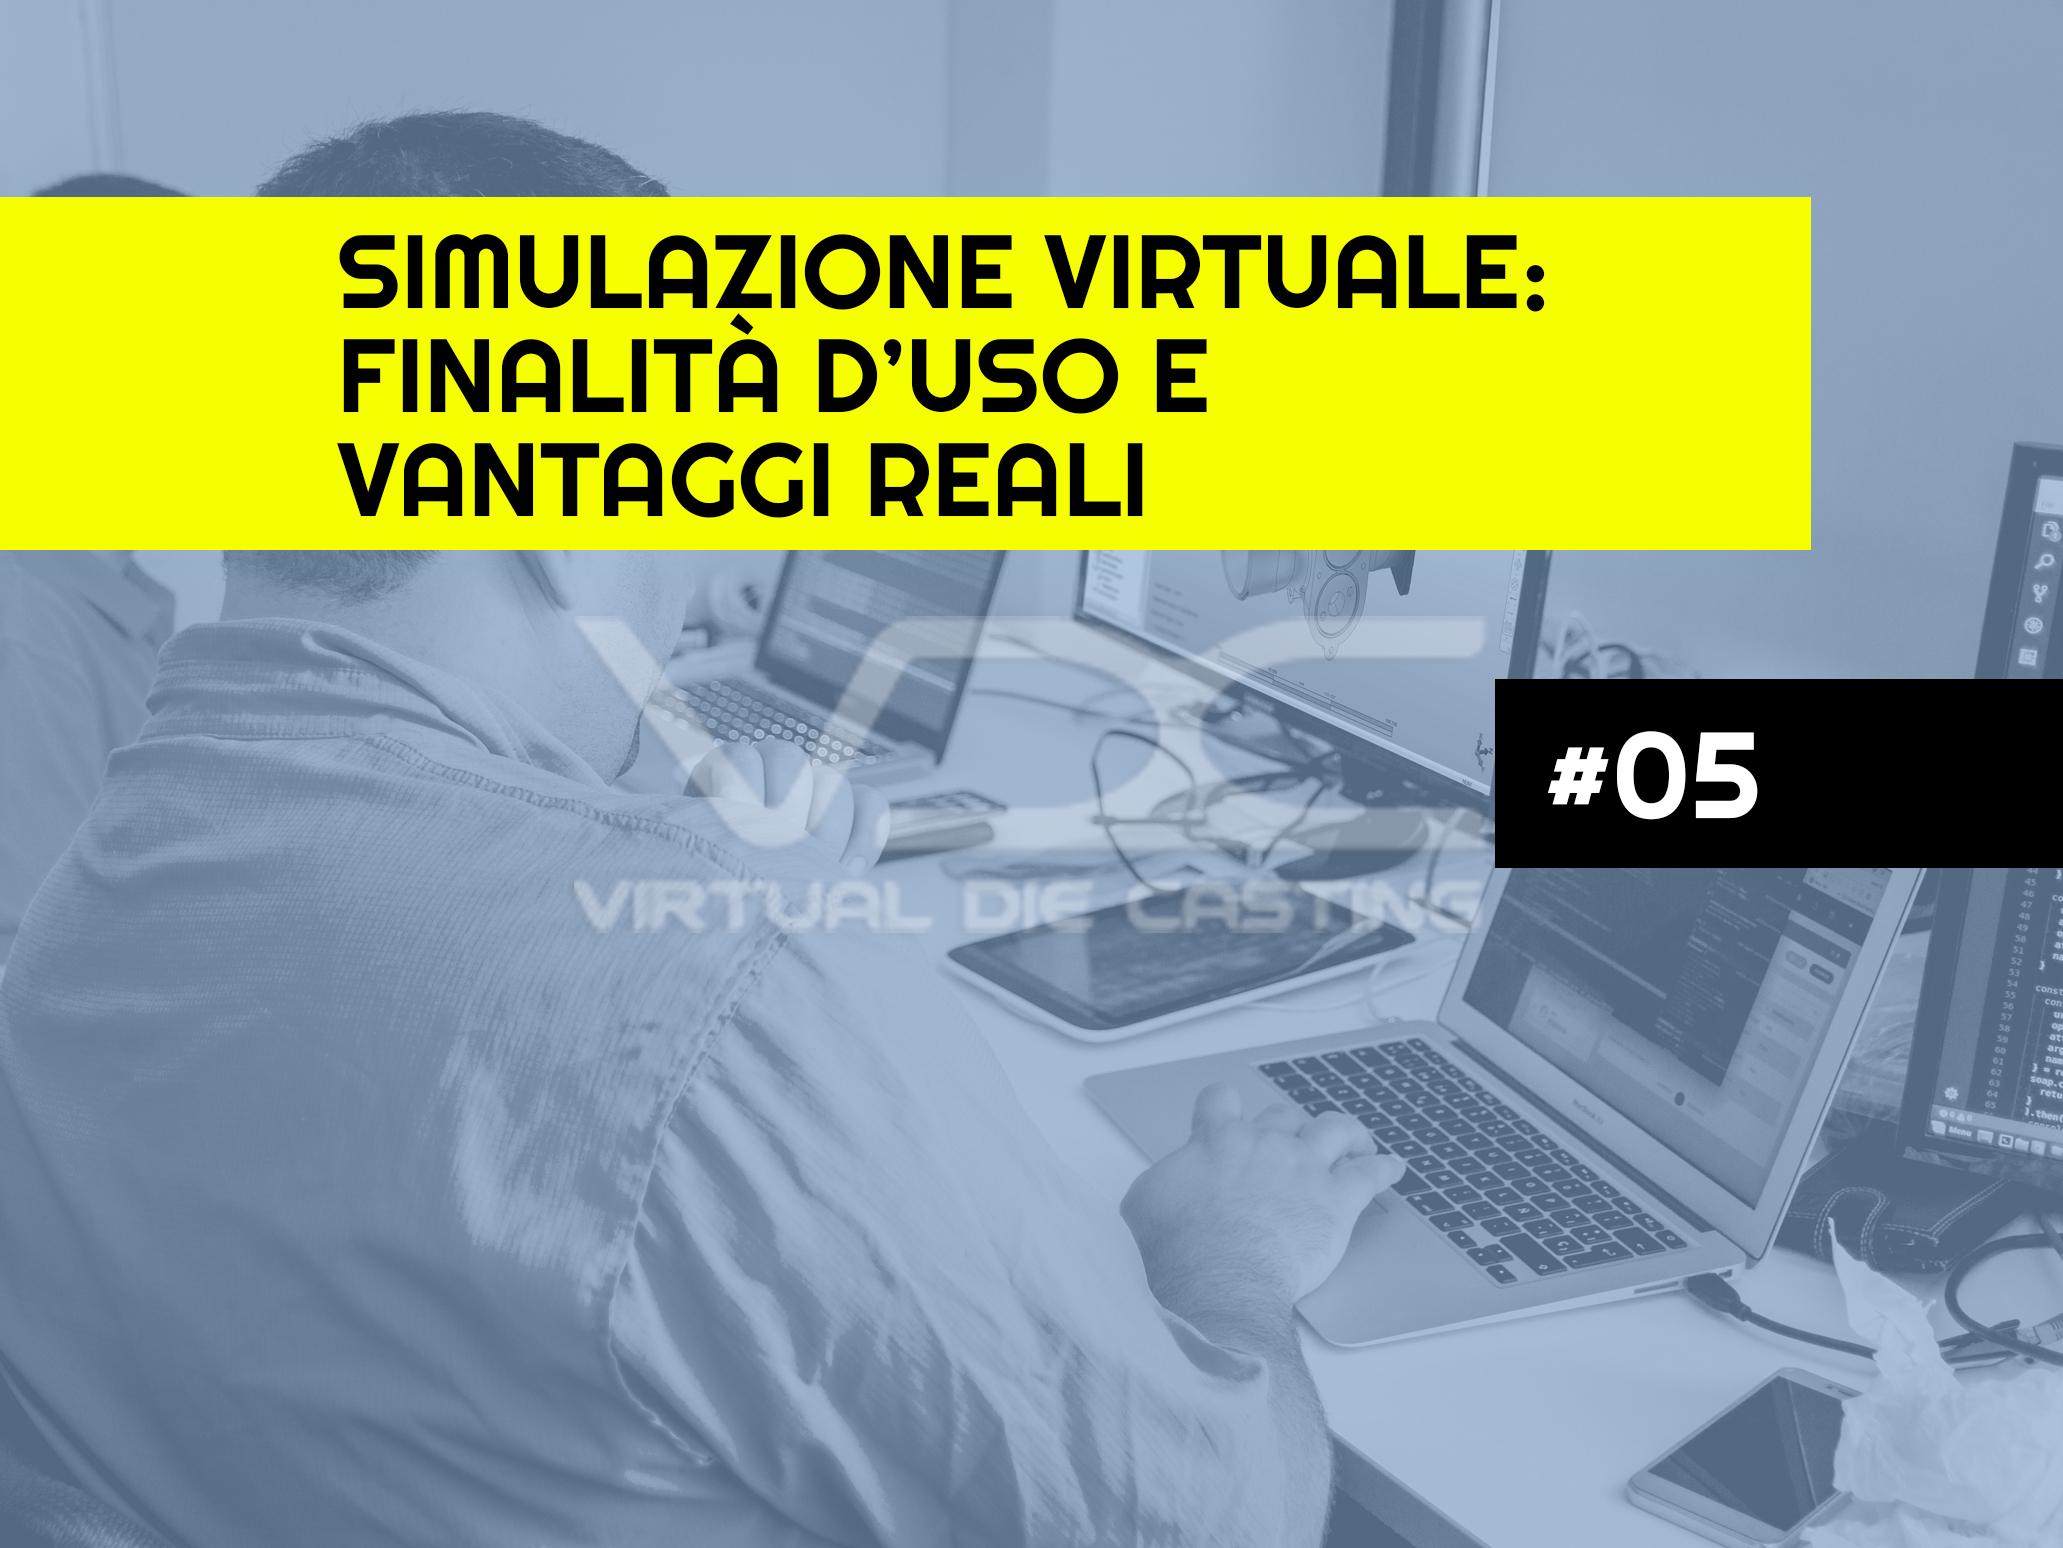 Simulazione virtuale: finalità d'uso e vantaggi reali